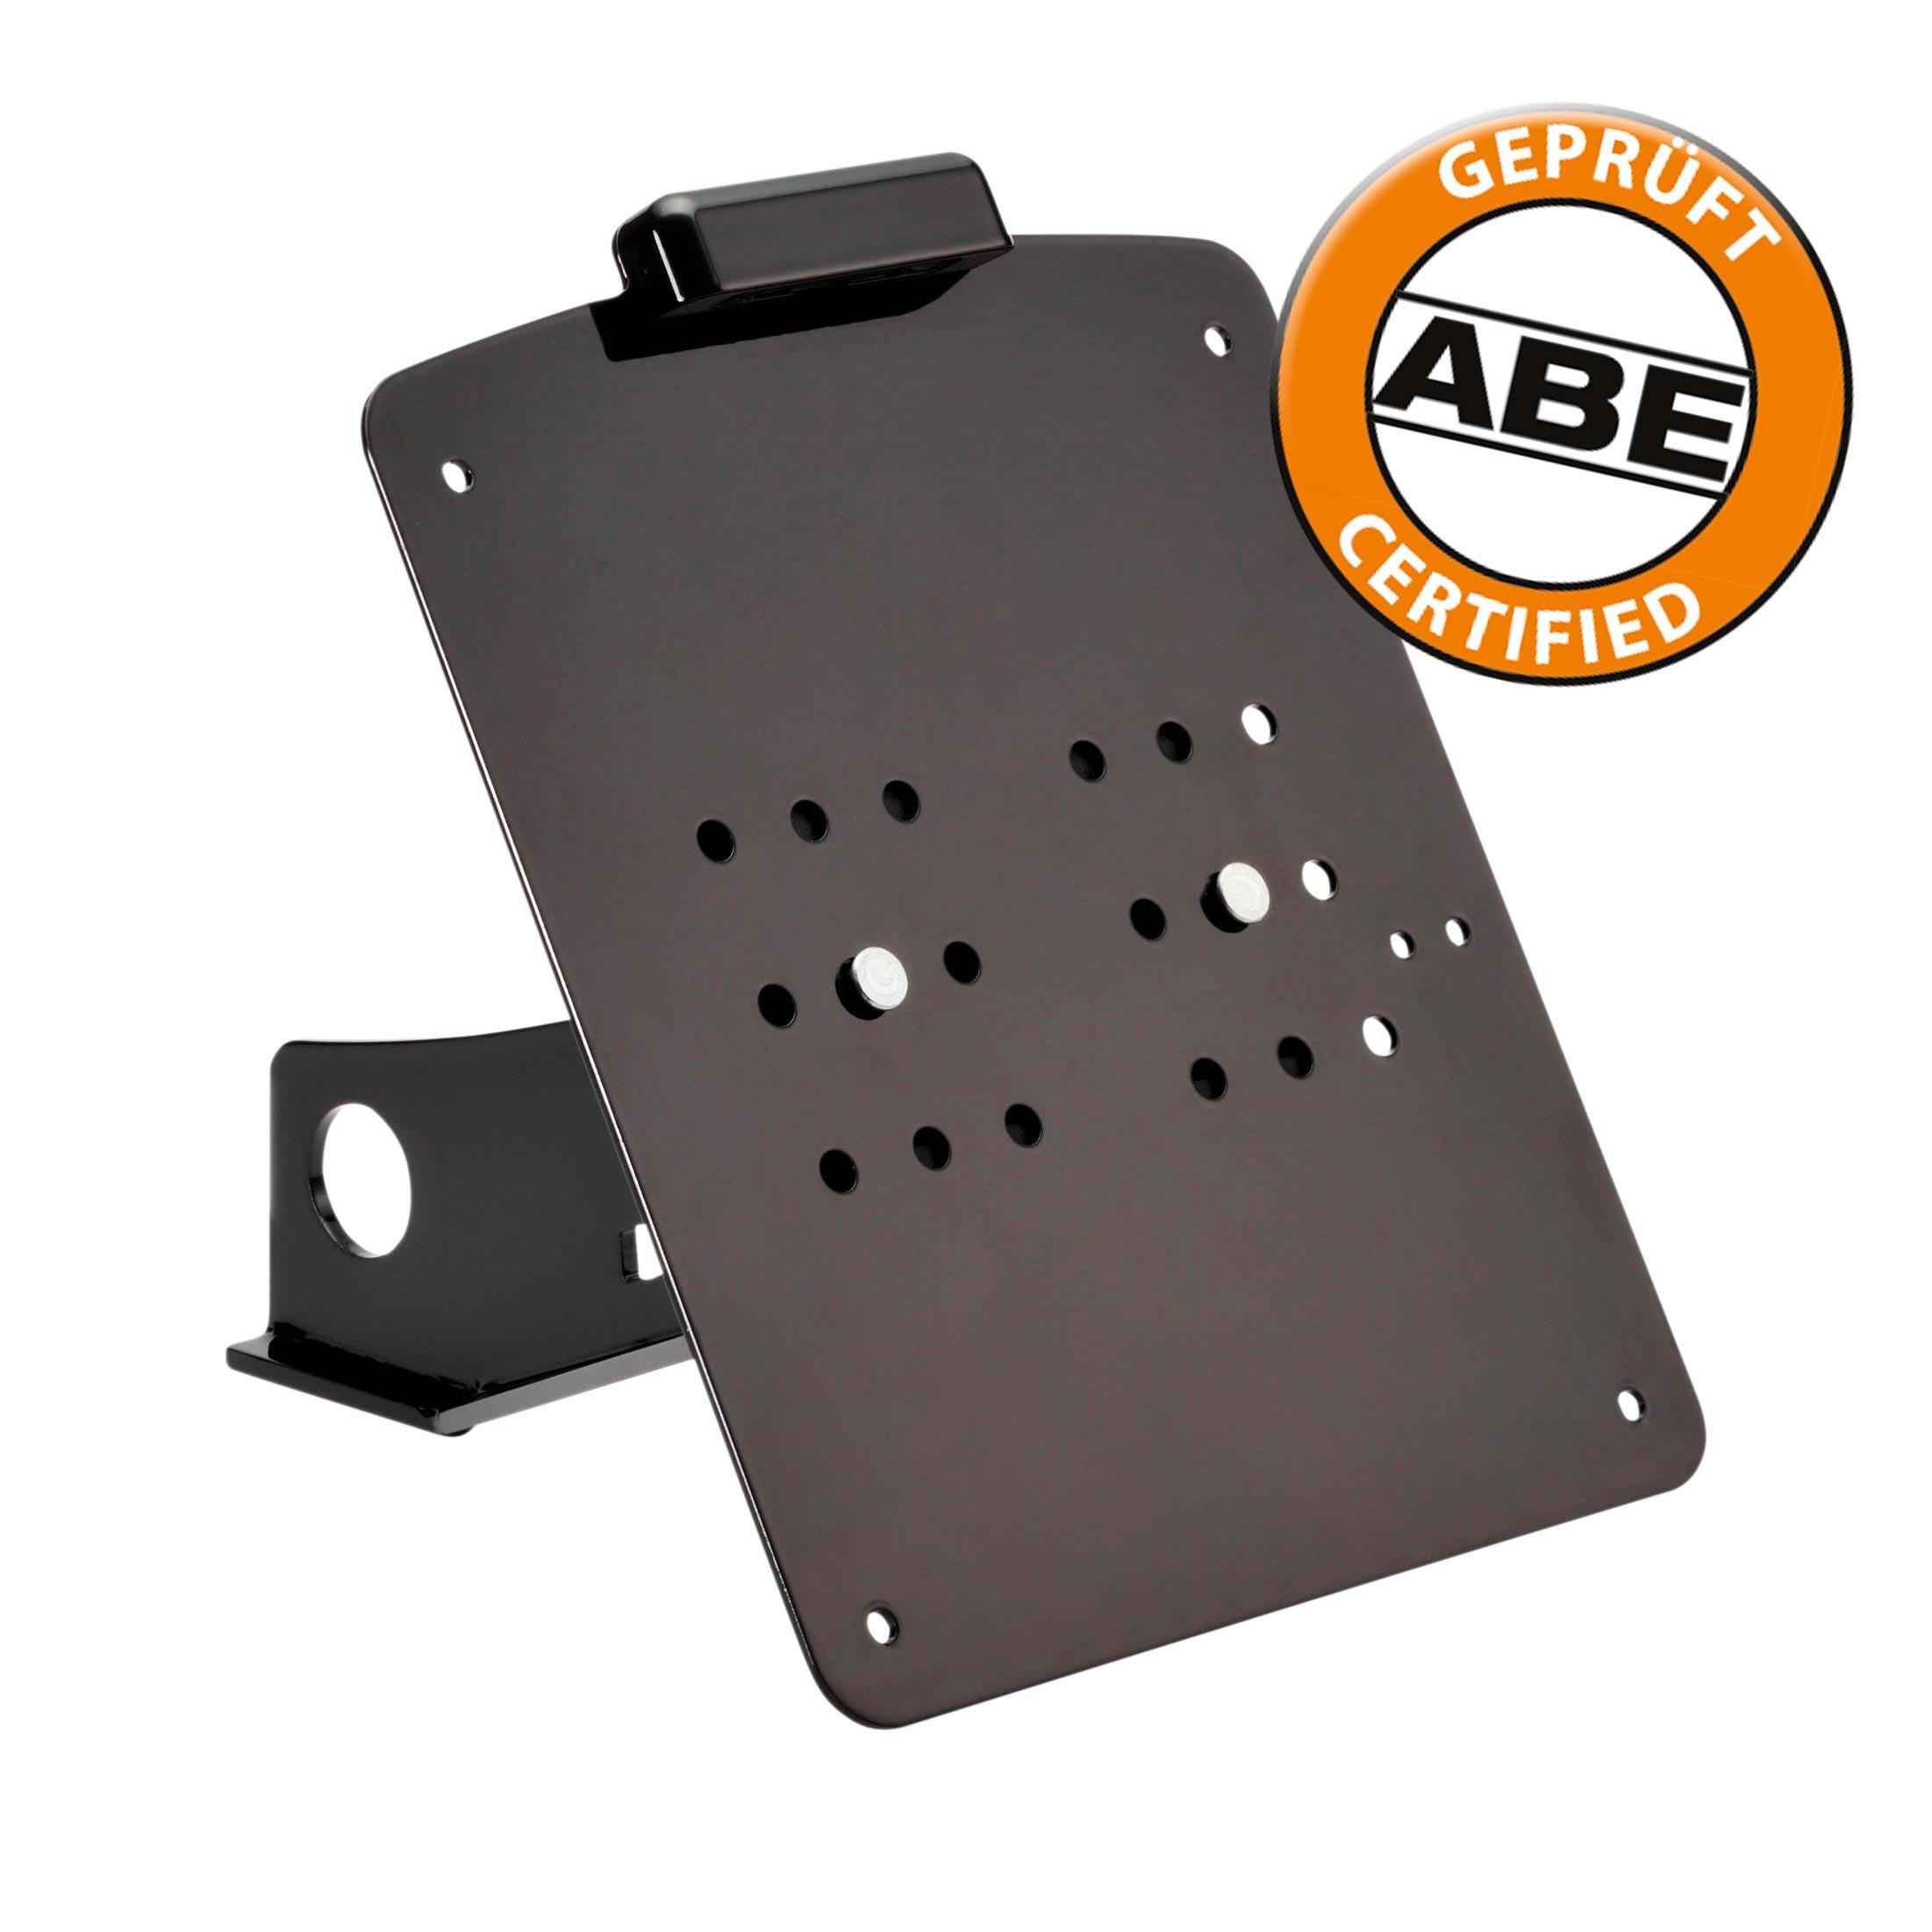 Kennzeichenhalter-Kit lang mit ABE